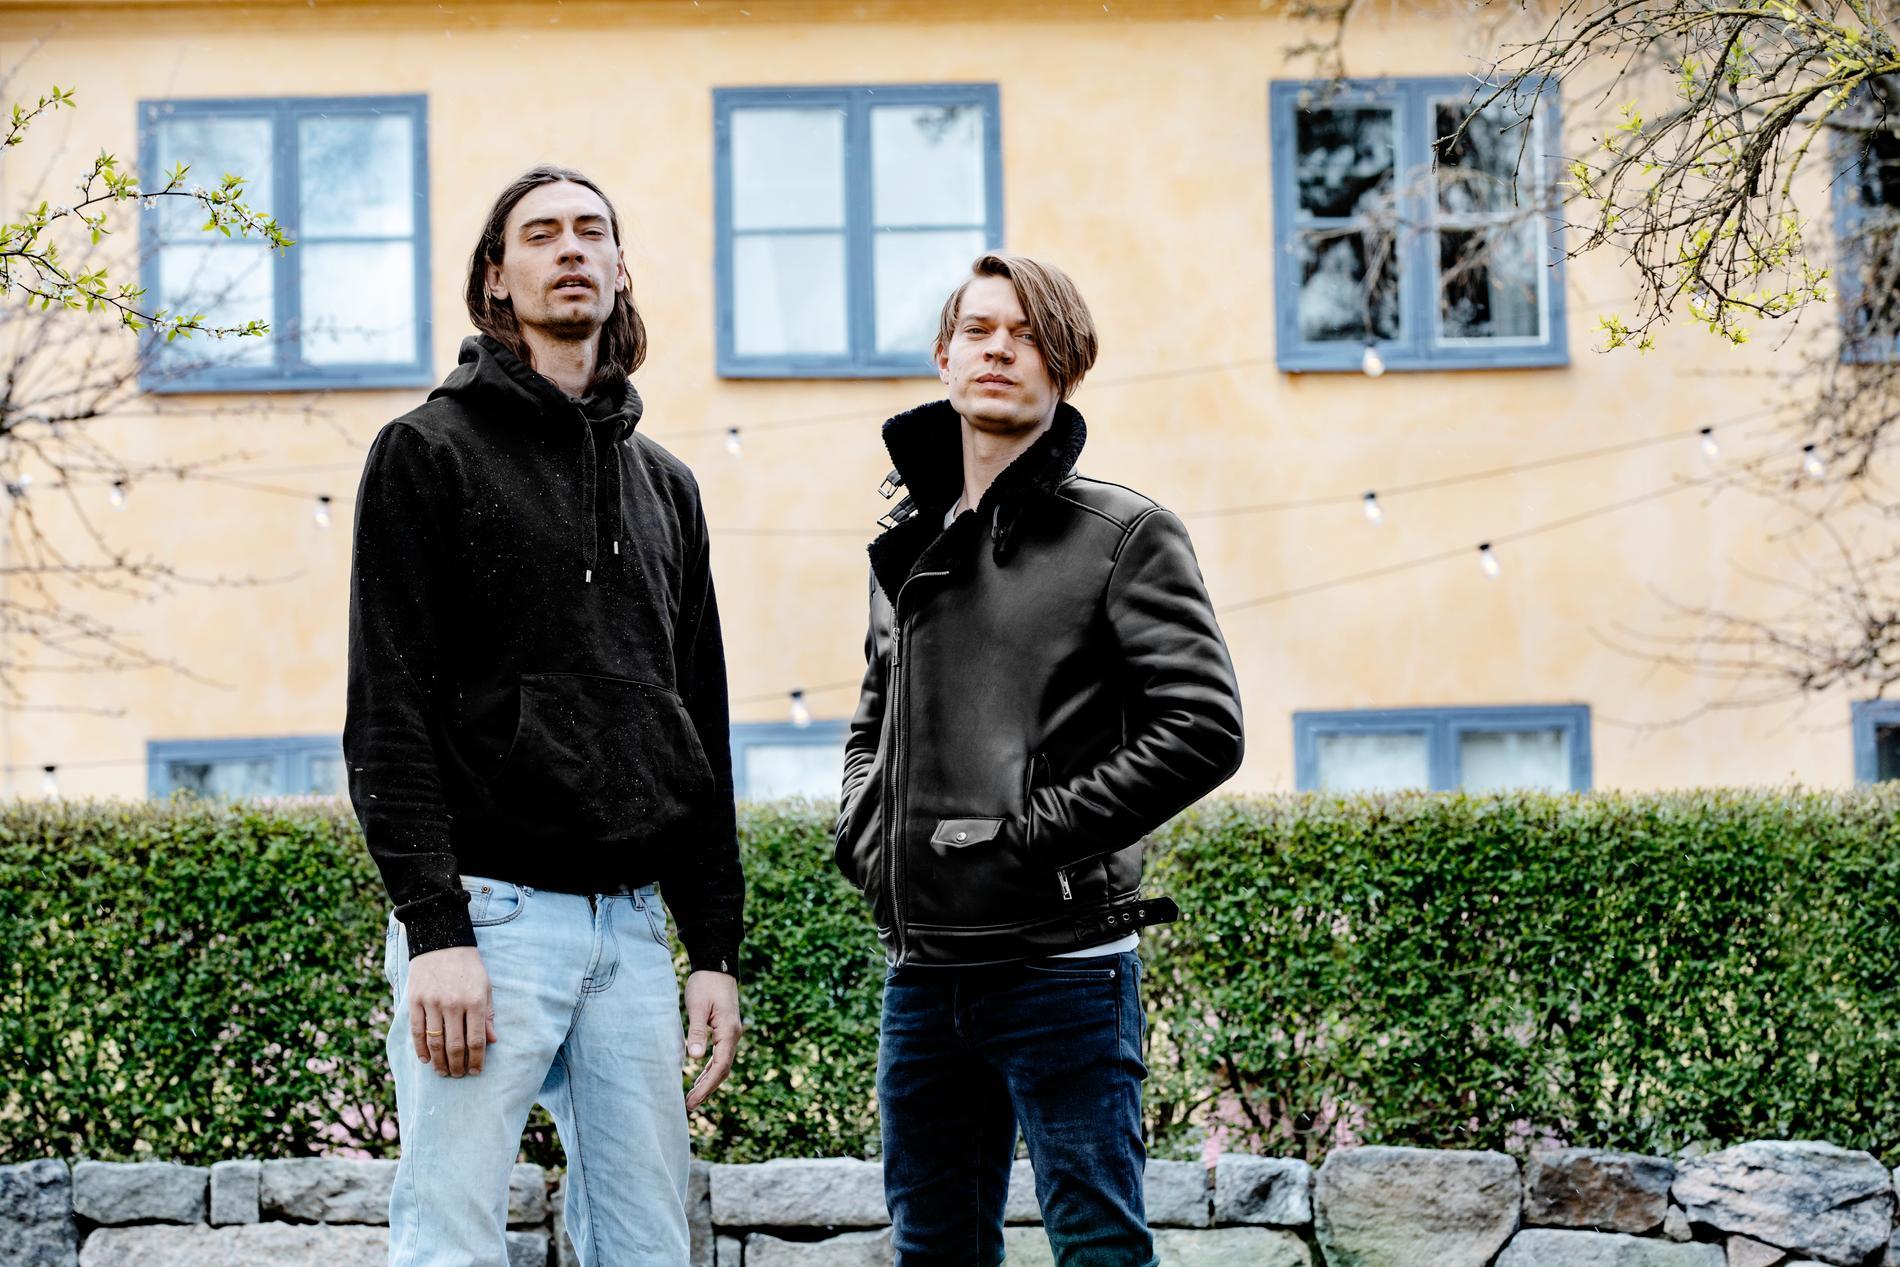 Bröderna Gustaf Norén (tidigare Mando Diao) och Viktor Norén (tidigare Sugarplum Fairy).